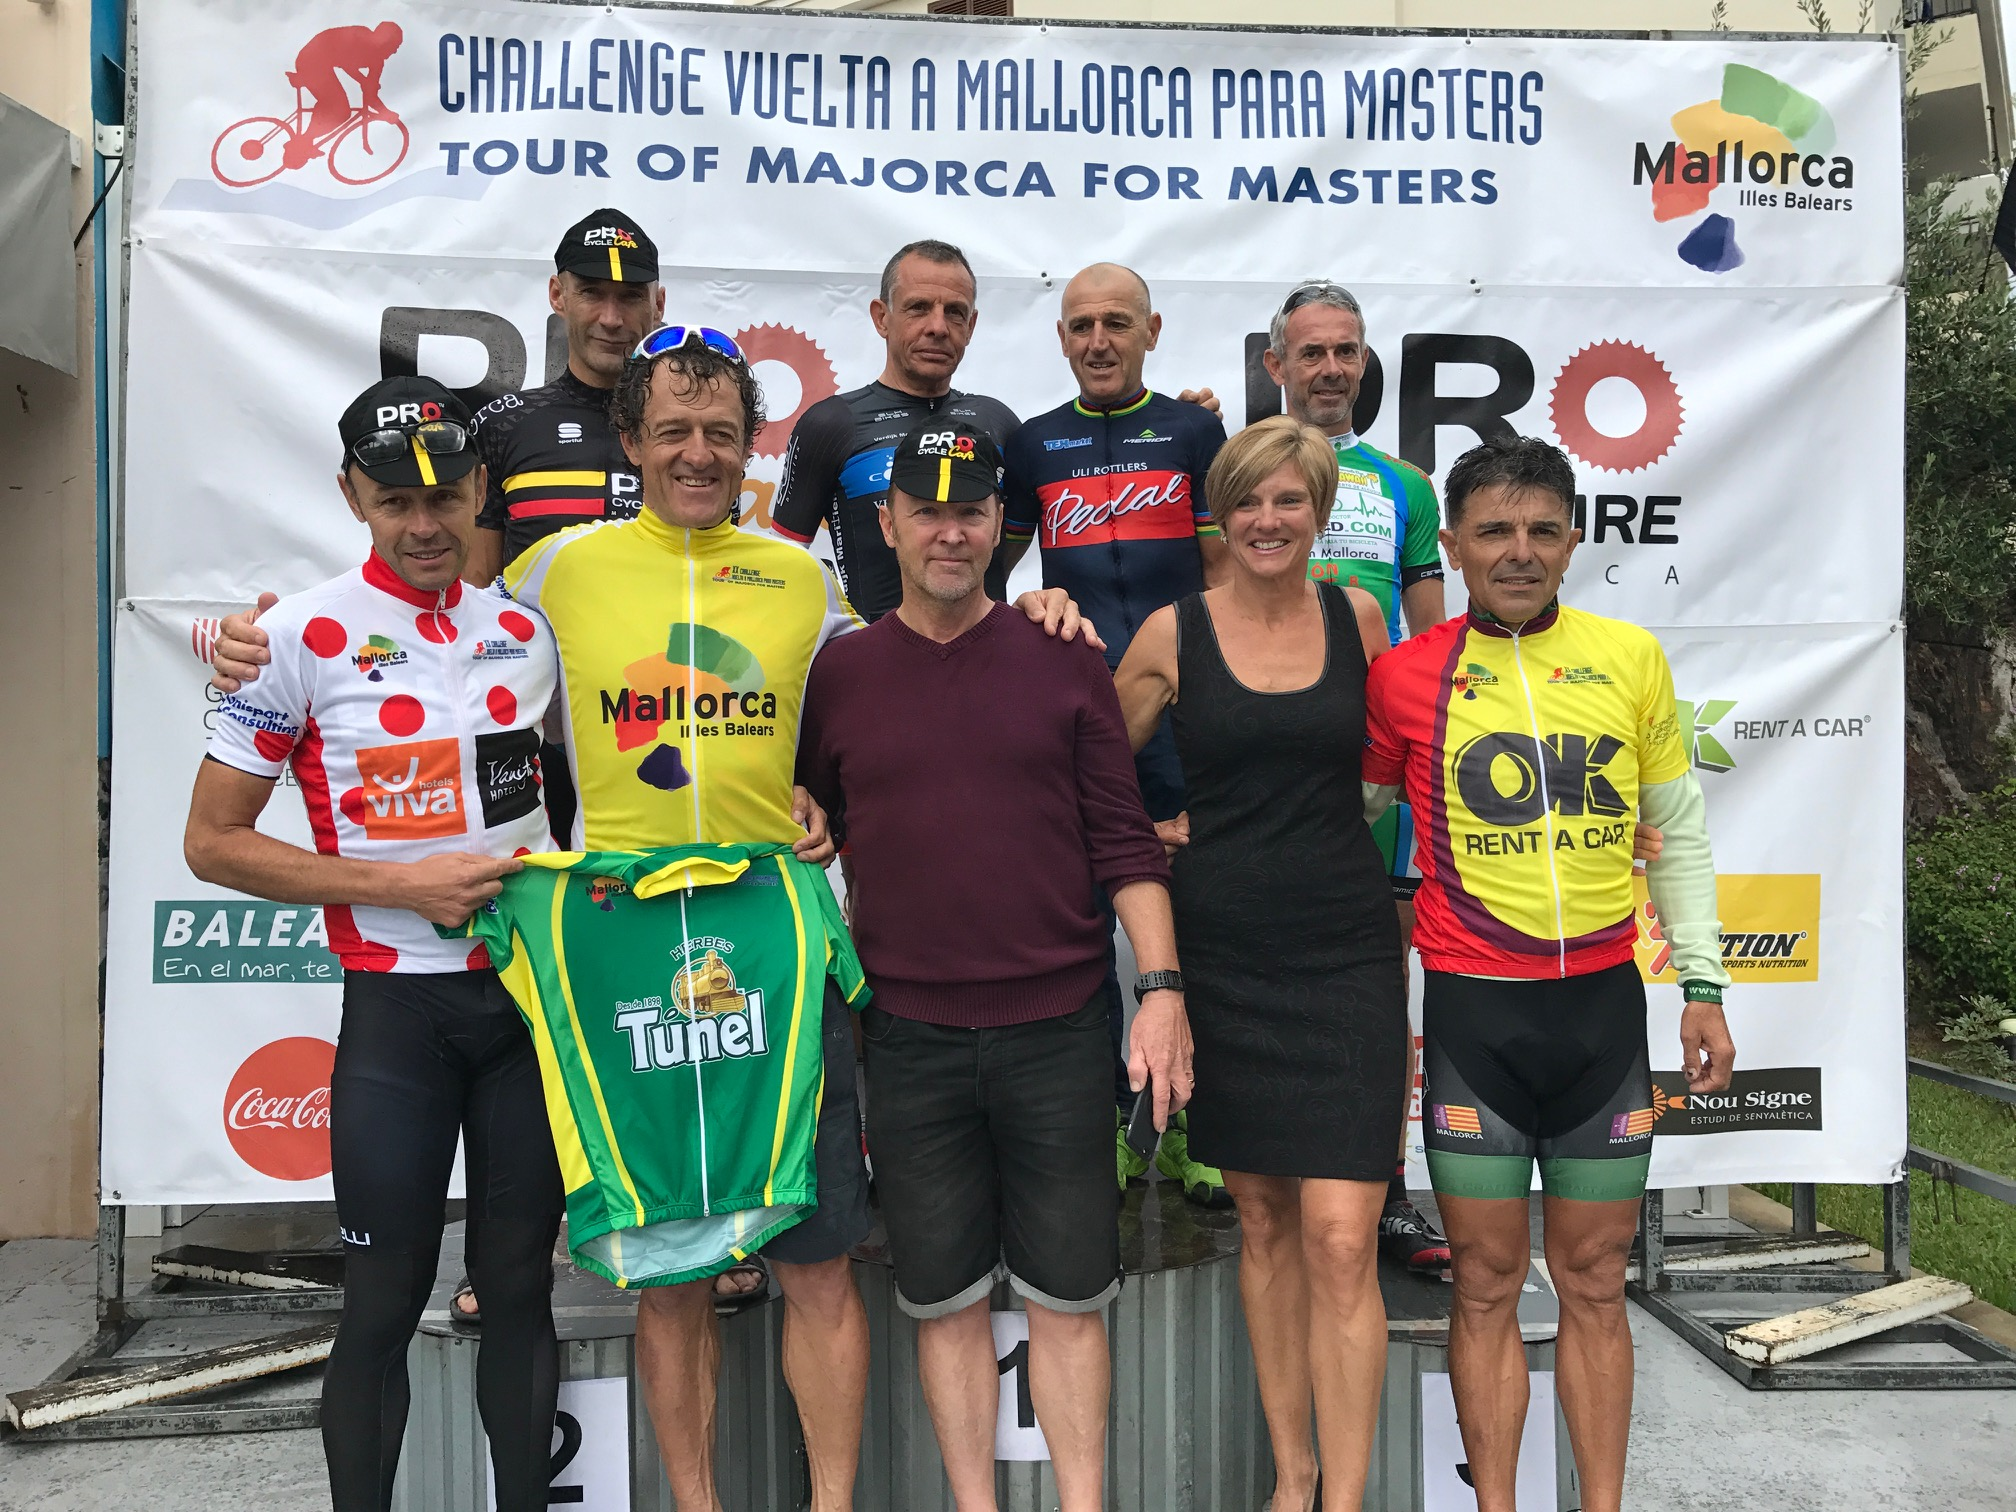 ChallengeVueltaMallorca2017_3a_etapa_GANADORES_M50-60